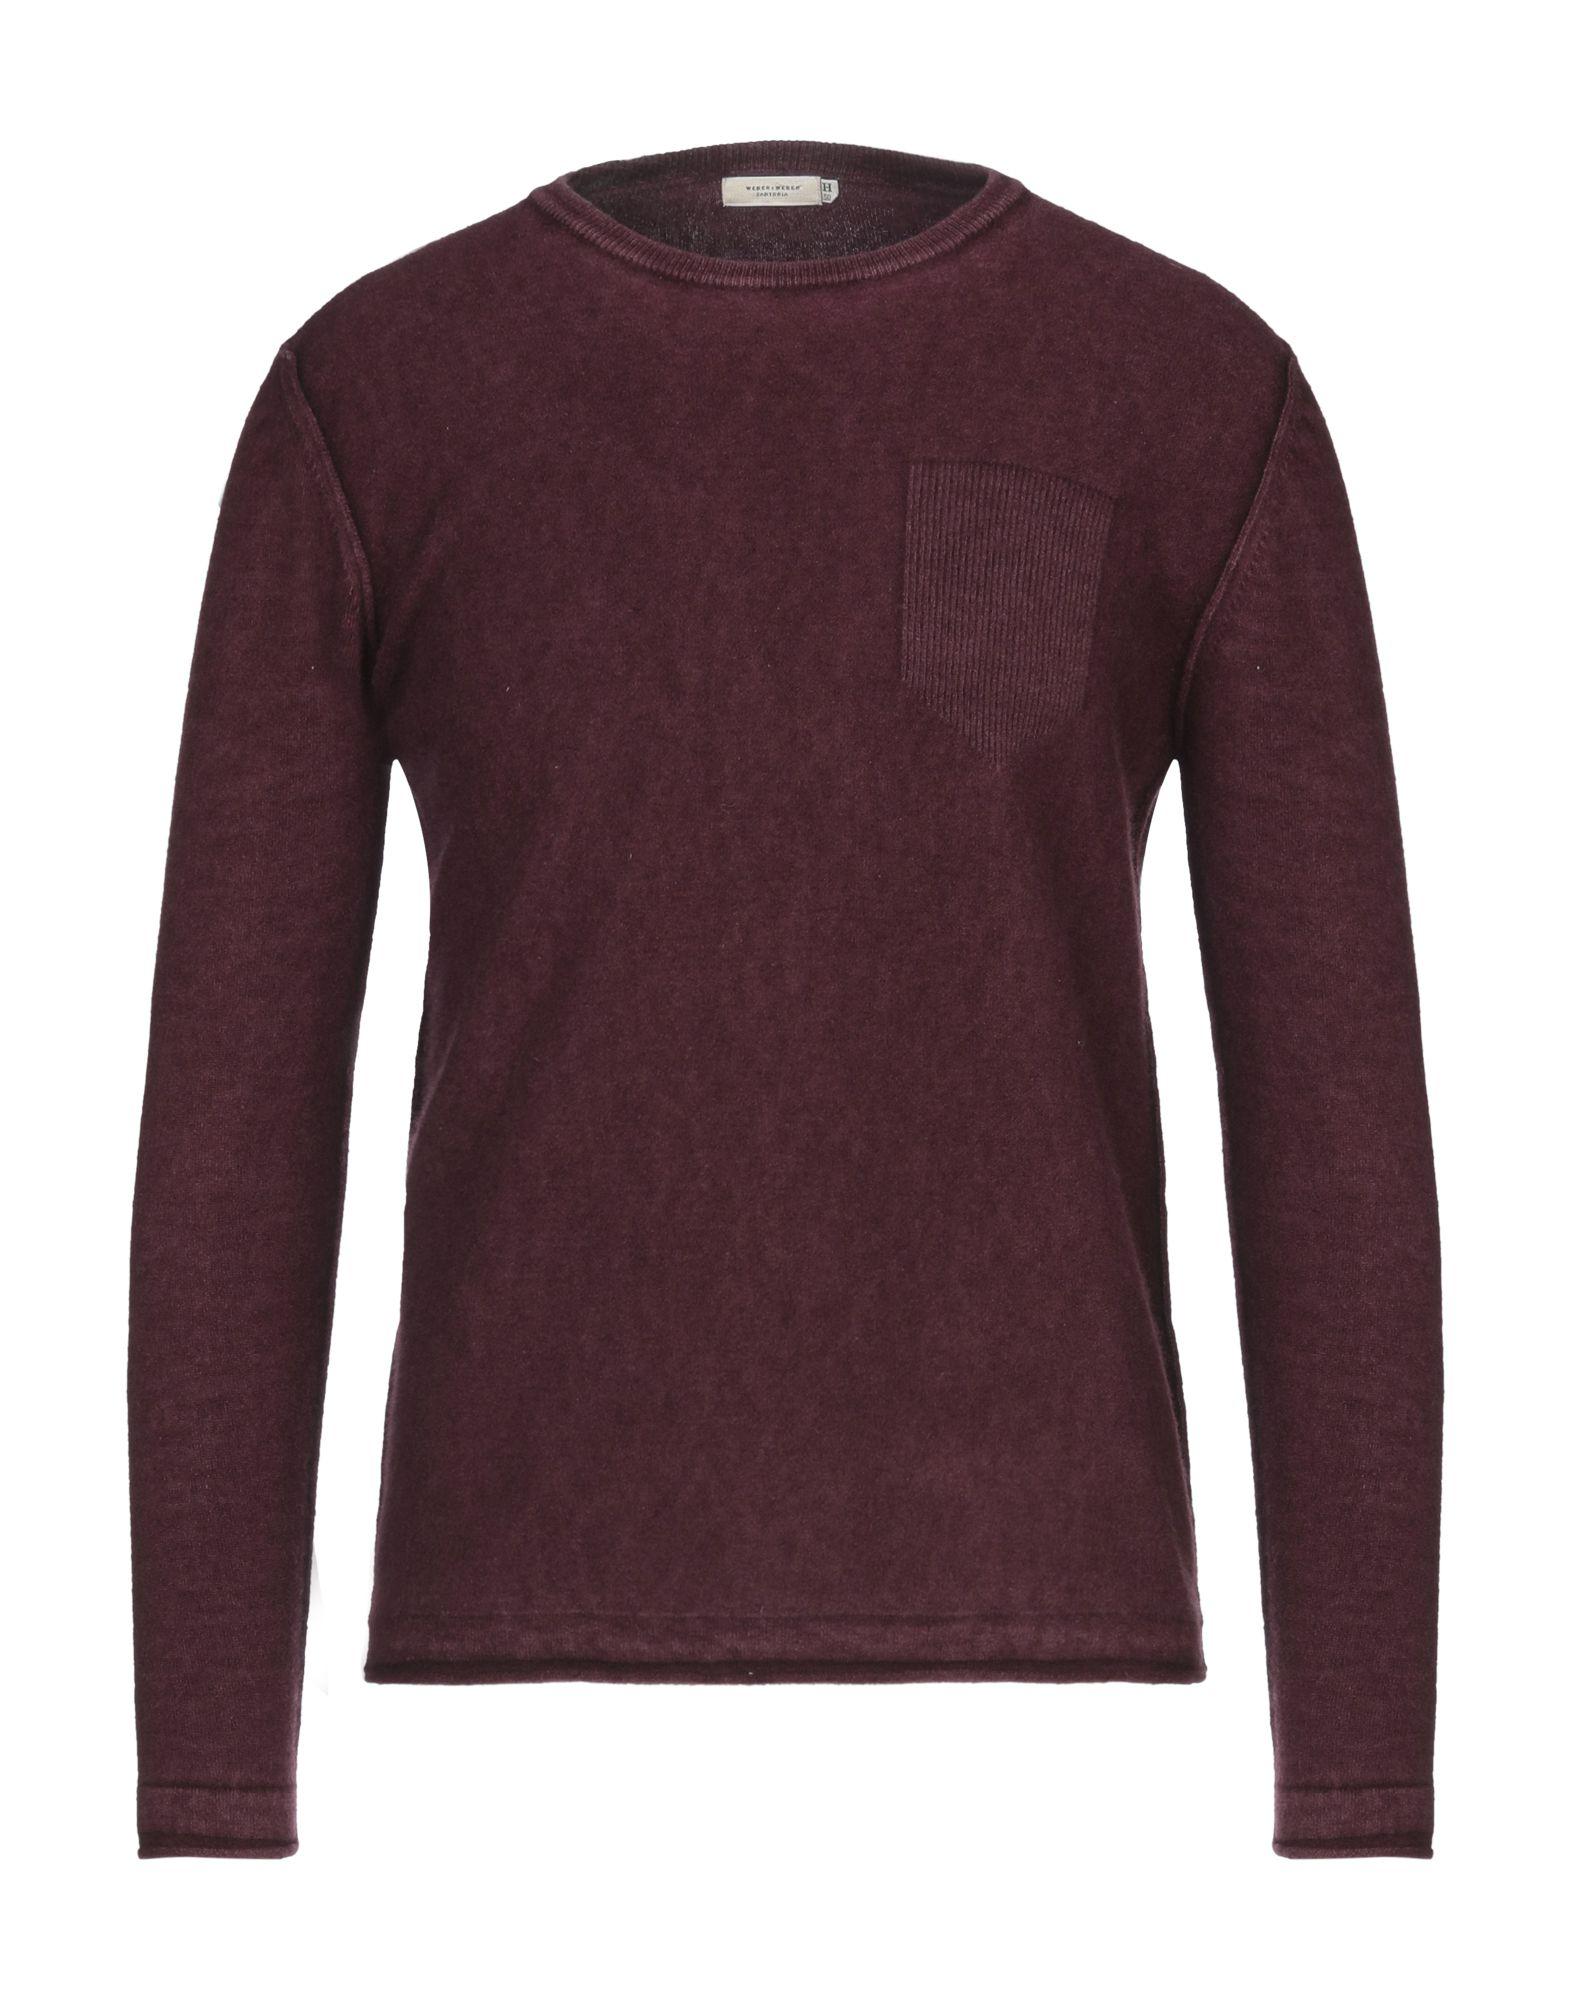 WEBER+WEBER SARTORIA Sweaters - Item 14043471